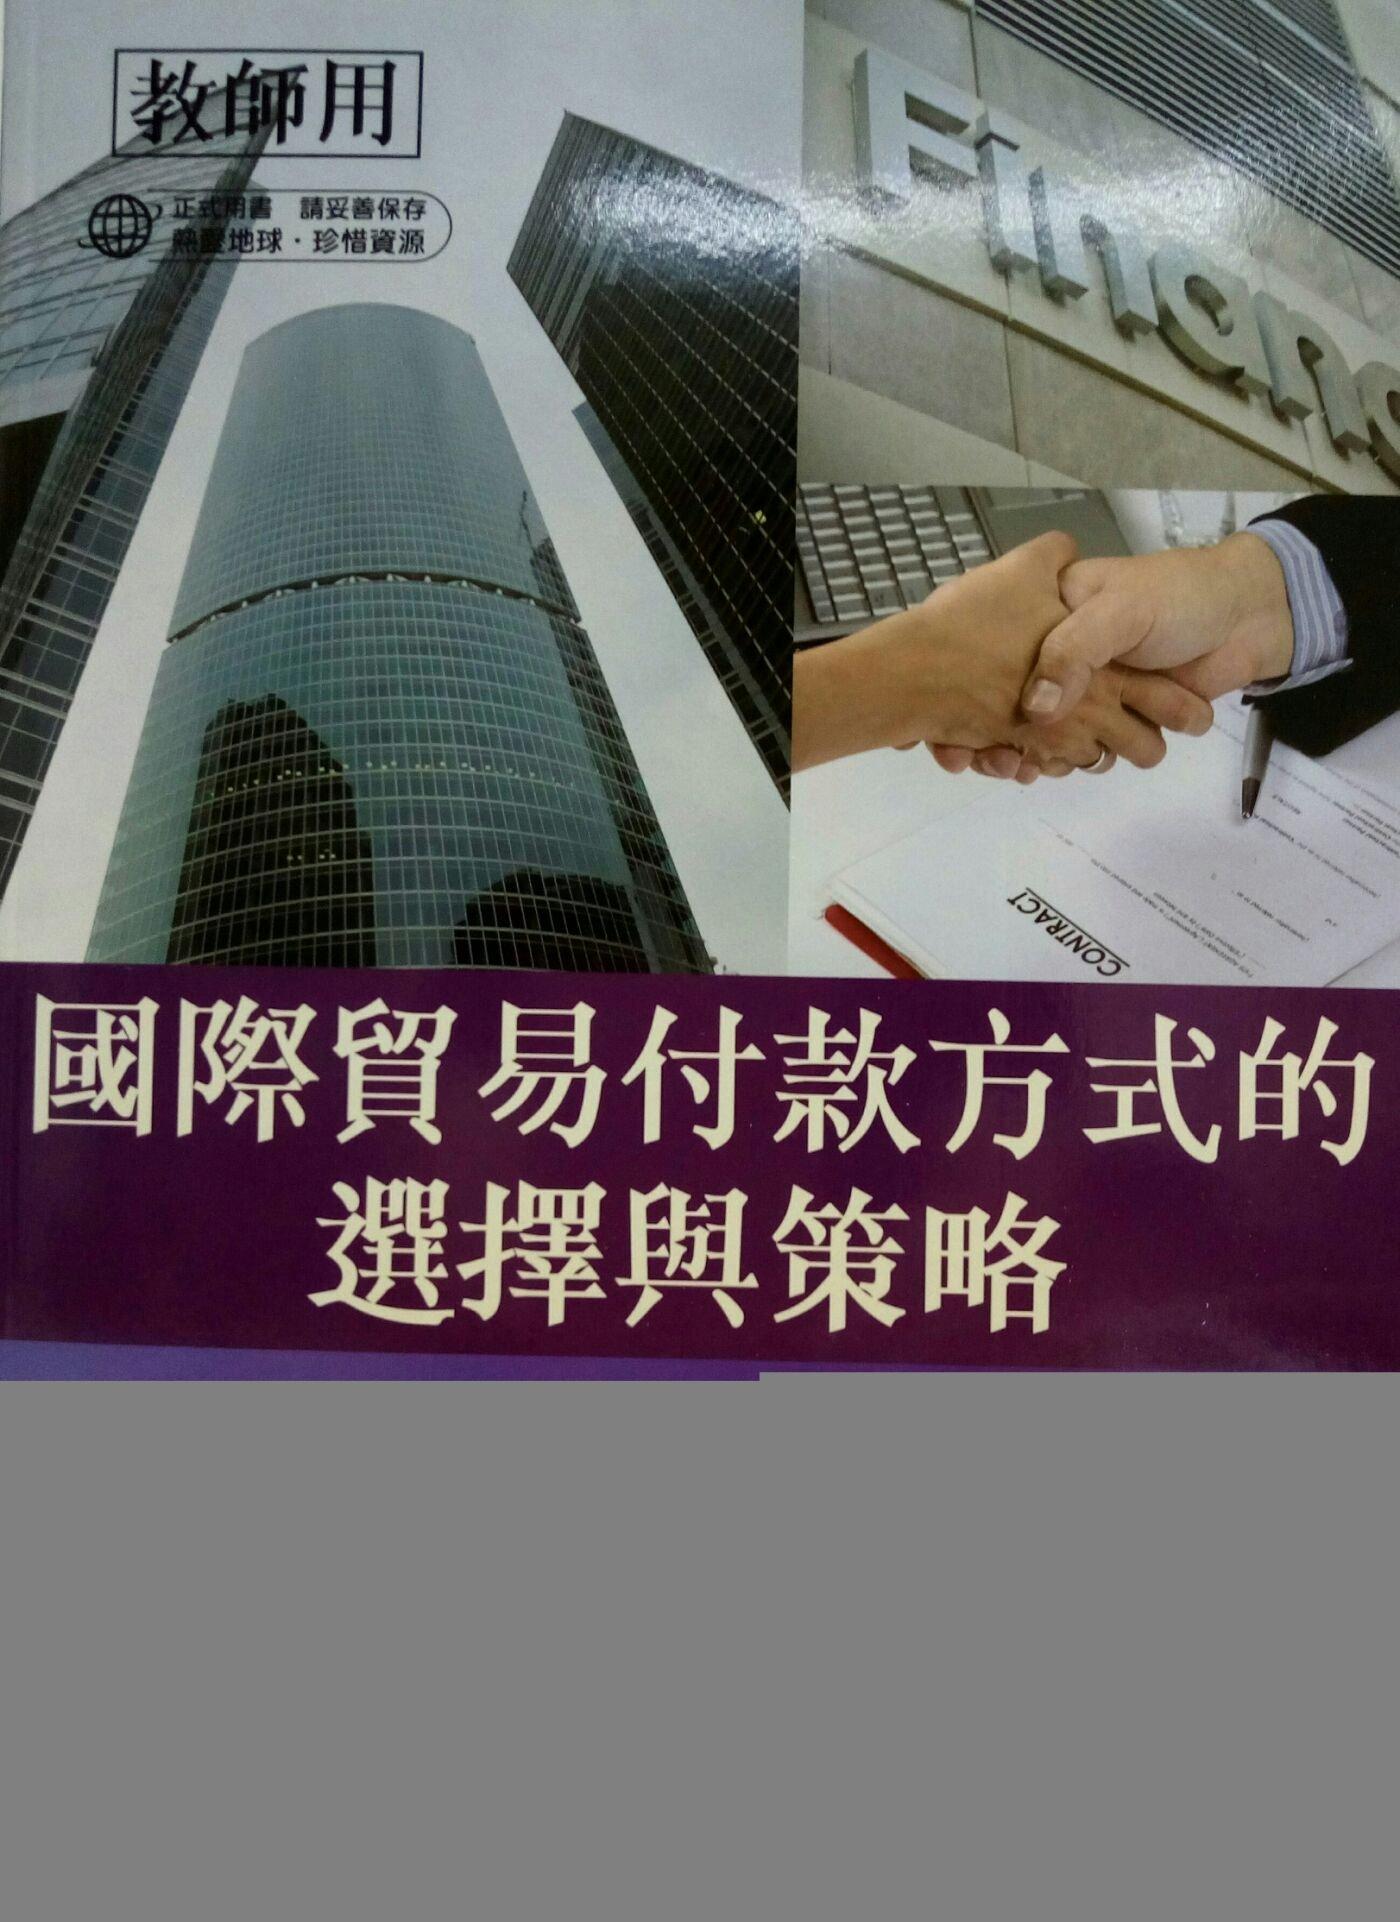 國際貿易 方式的選擇與策略 張錦源著 三民書局 2010年8月初版一刷 所得全捐公益